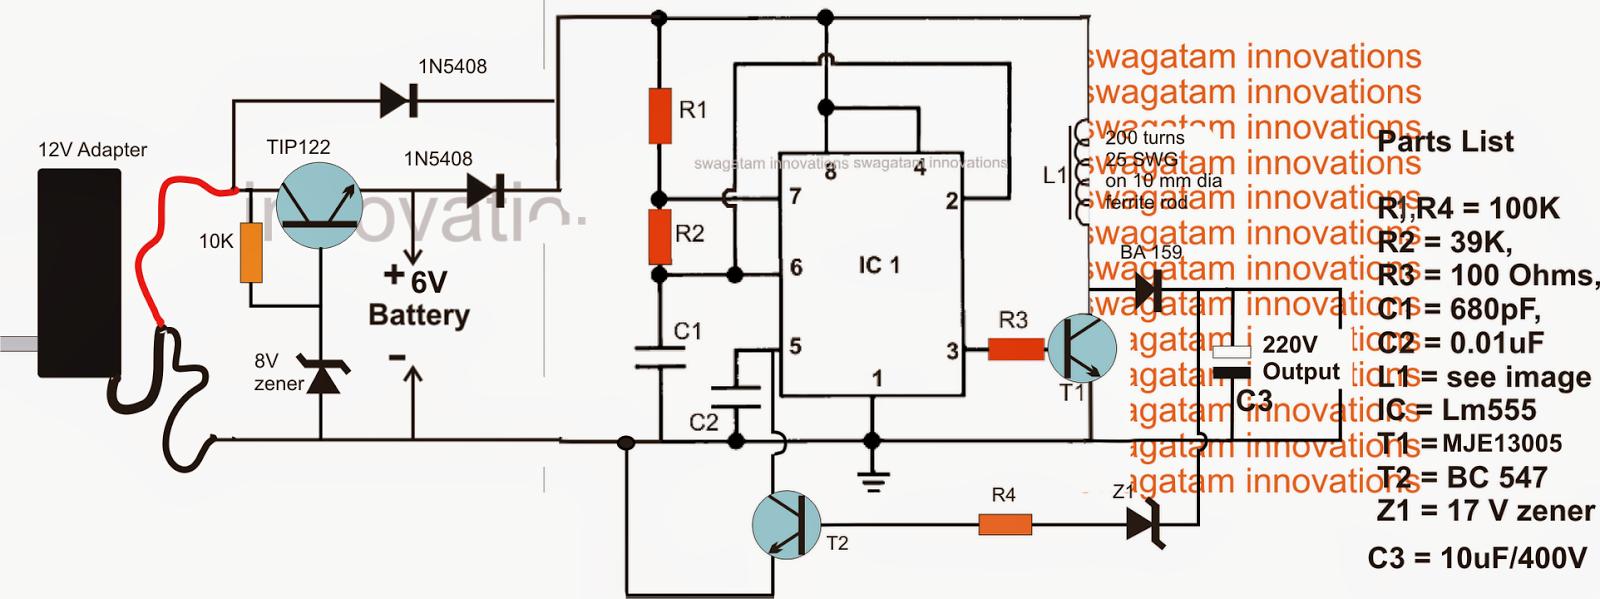 6 volt inverter circuit diagram wiring diagram post 6 volt to 220 volt inverter circuit diagram 6 volt inverter circuit diagram [ 1600 x 599 Pixel ]